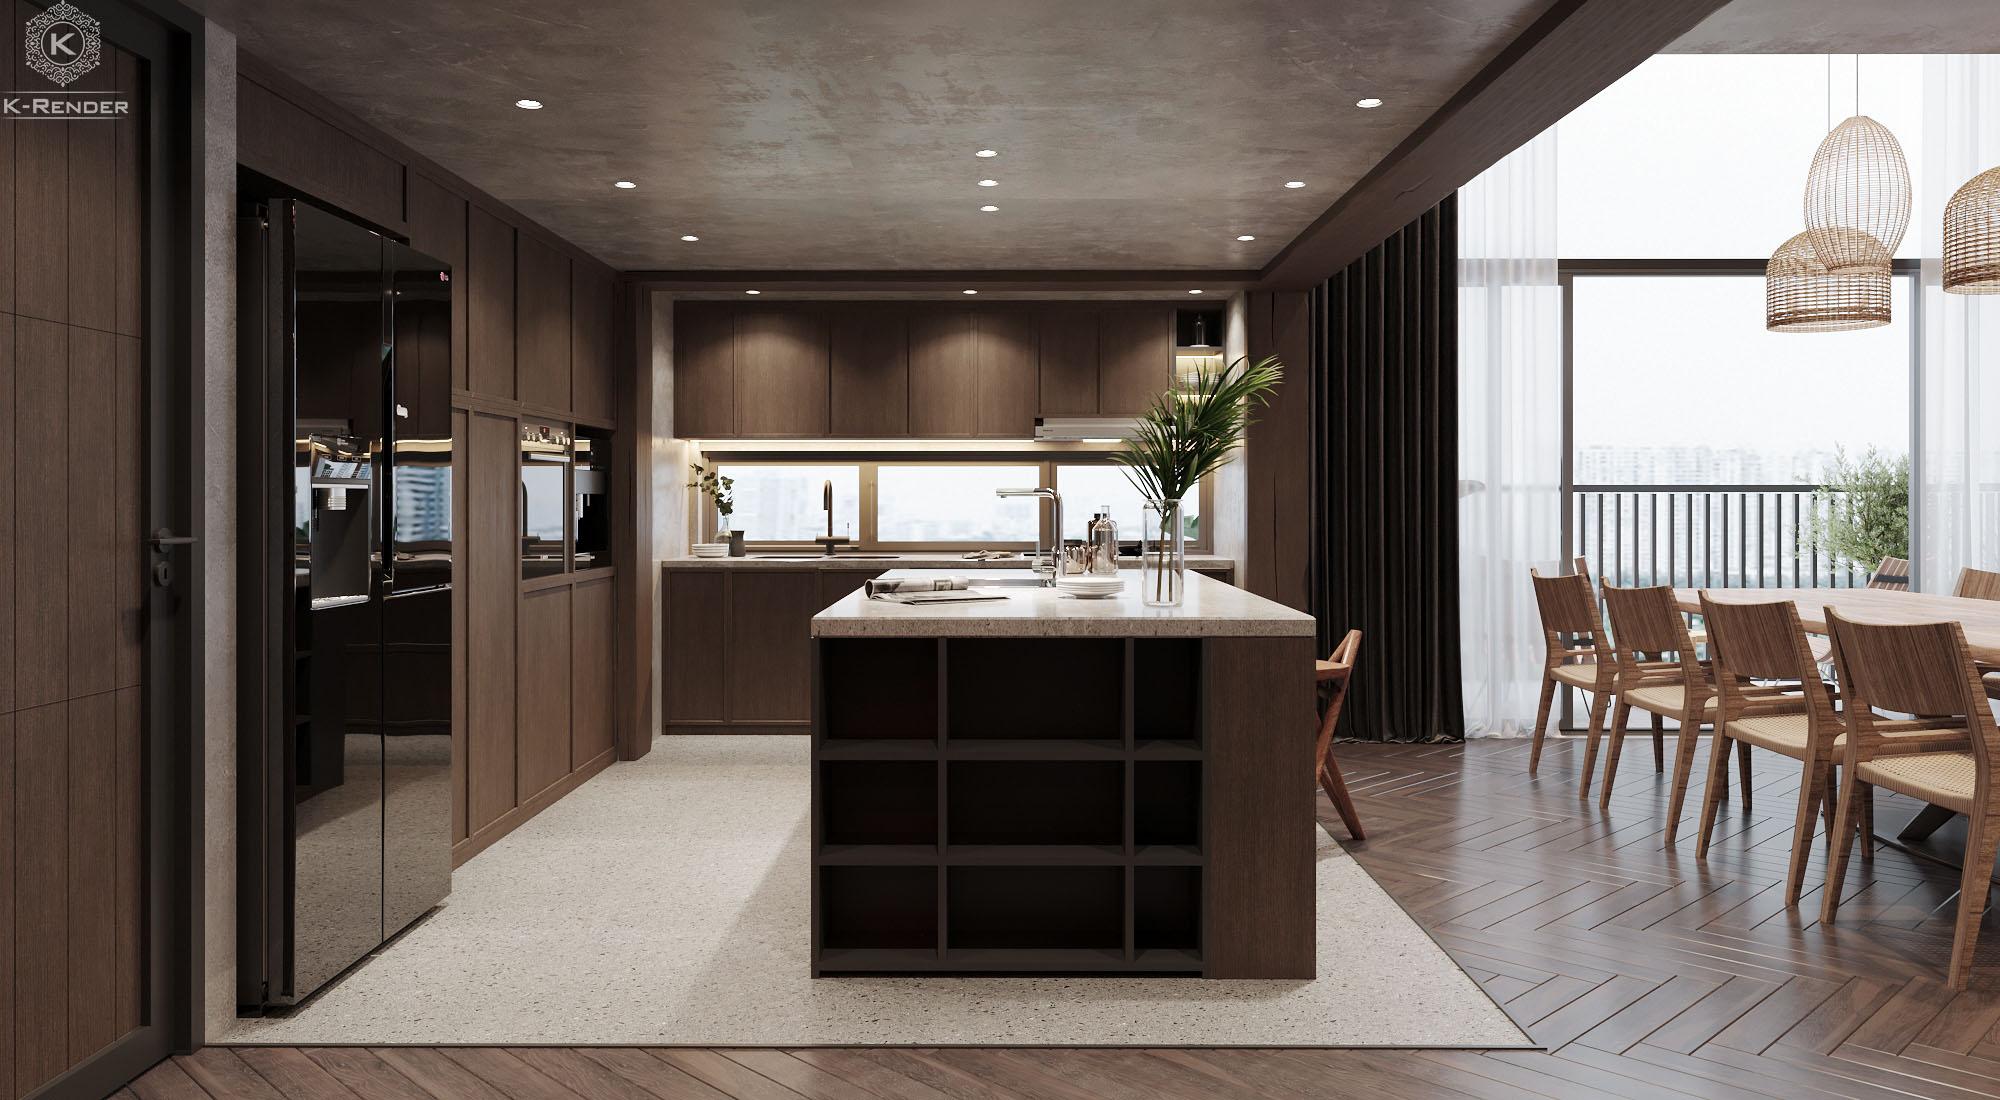 rilassante-rendering-project-k-render-studio-3